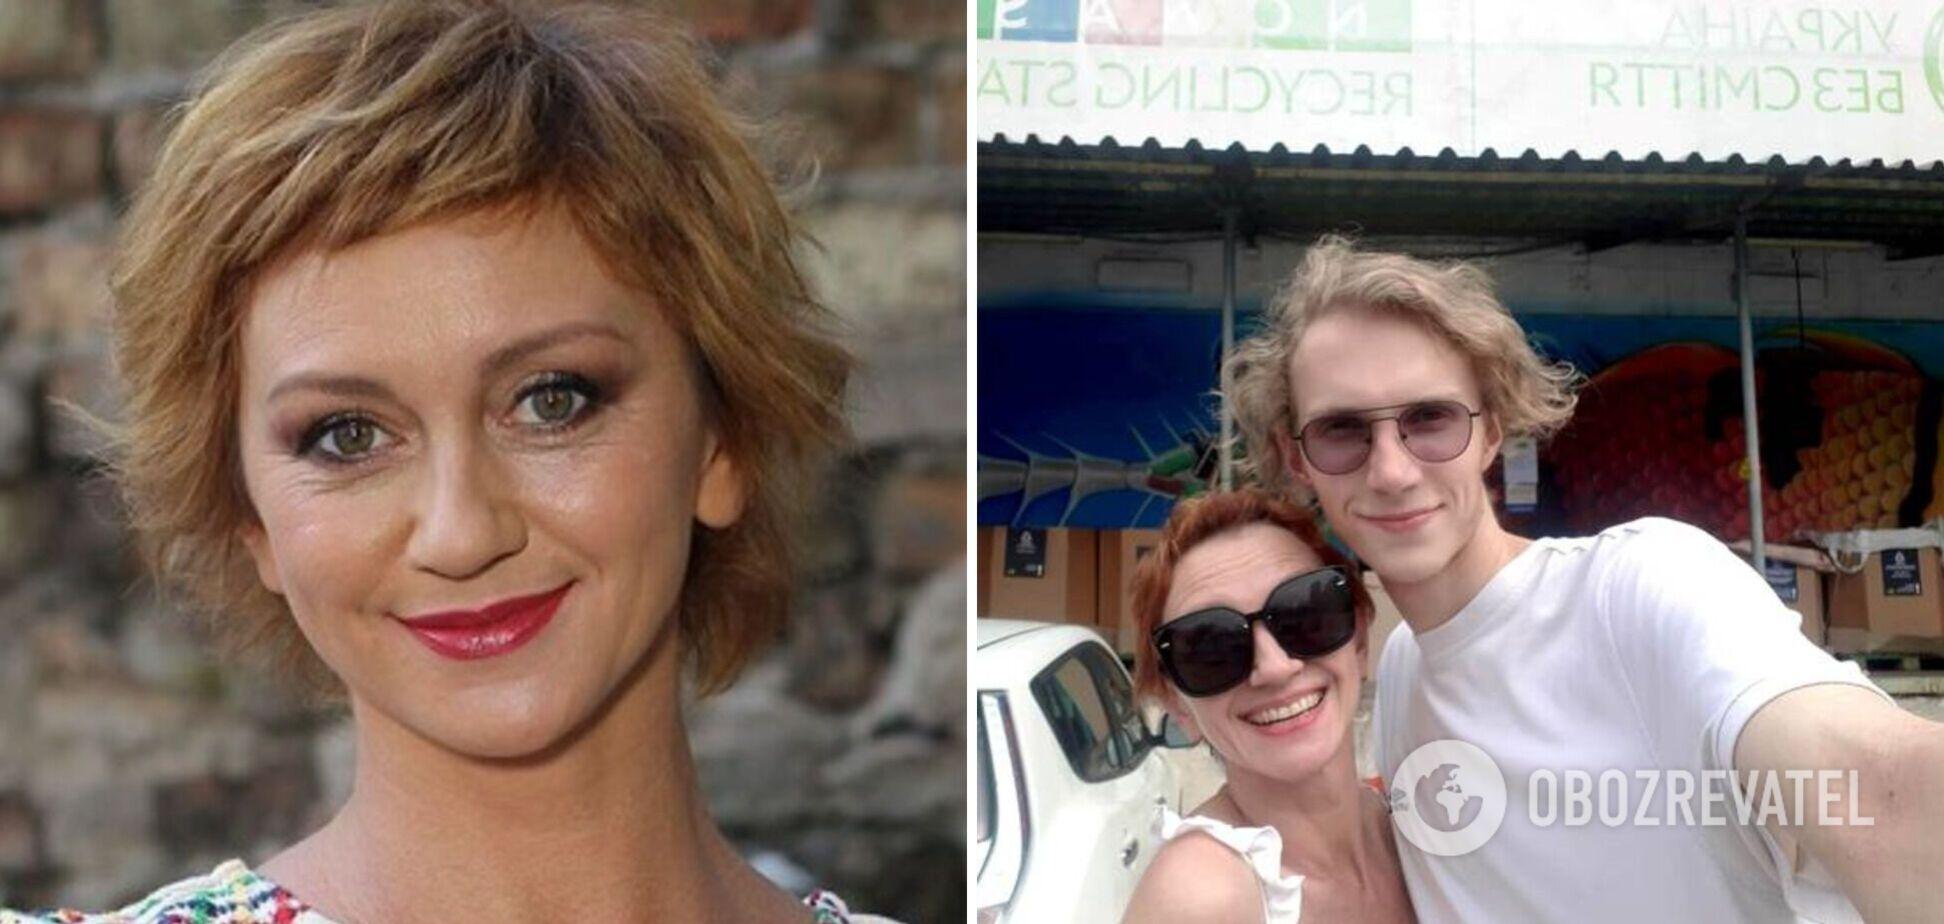 Актриса Зюбина попала в ДТП: водитель угрожал 'набить морду' ее сыну. Фото и видео